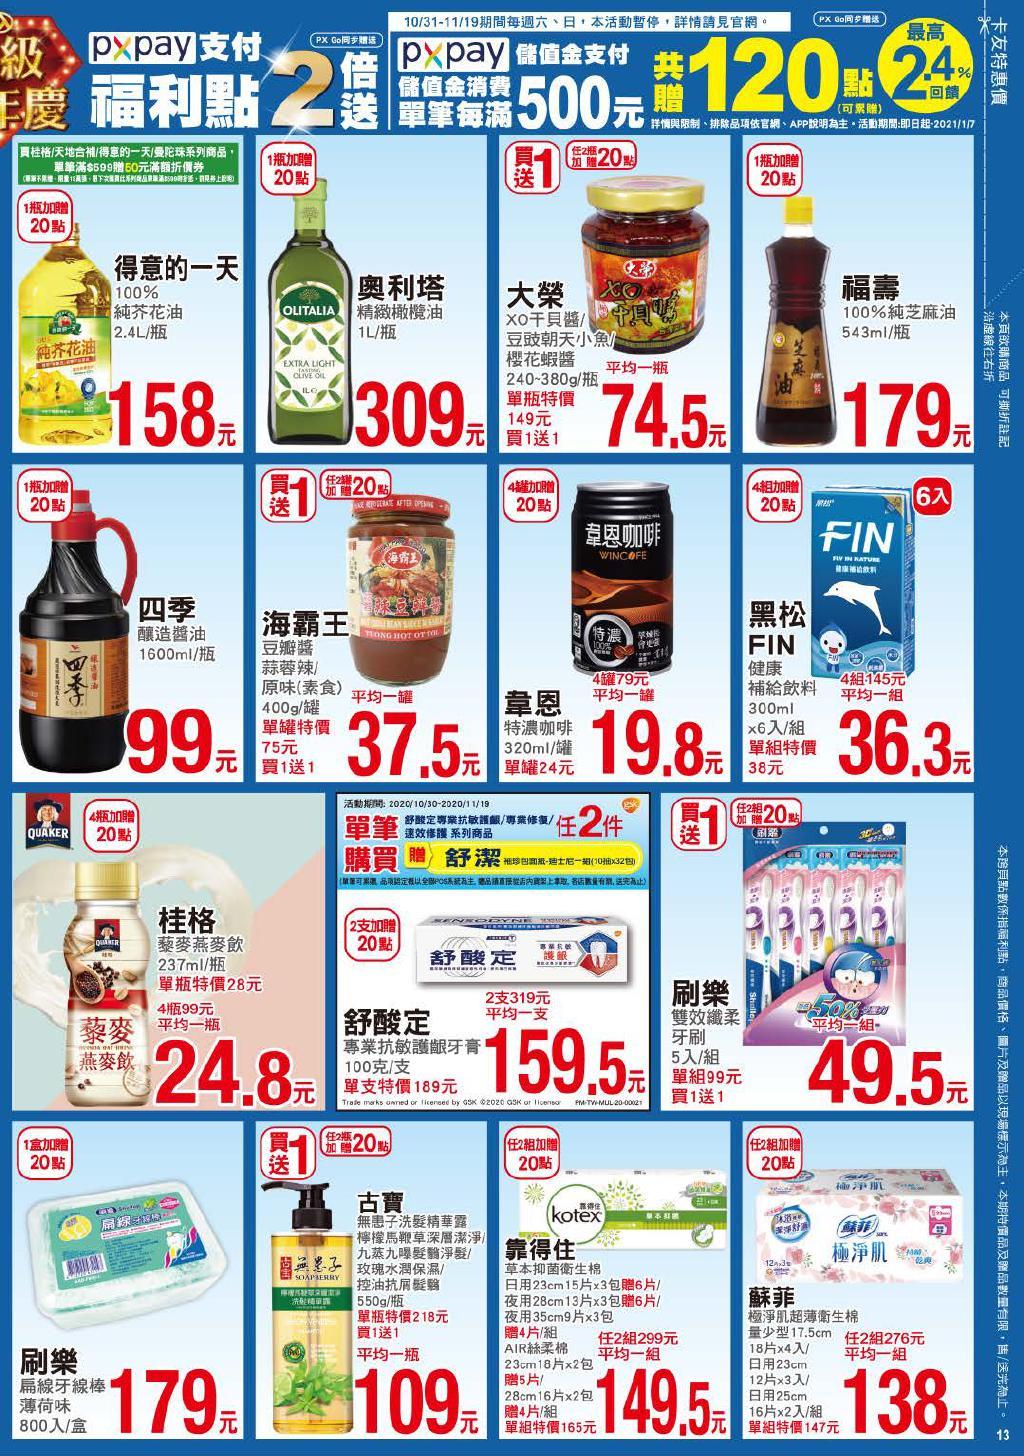 pxmart20201119_000013.jpg